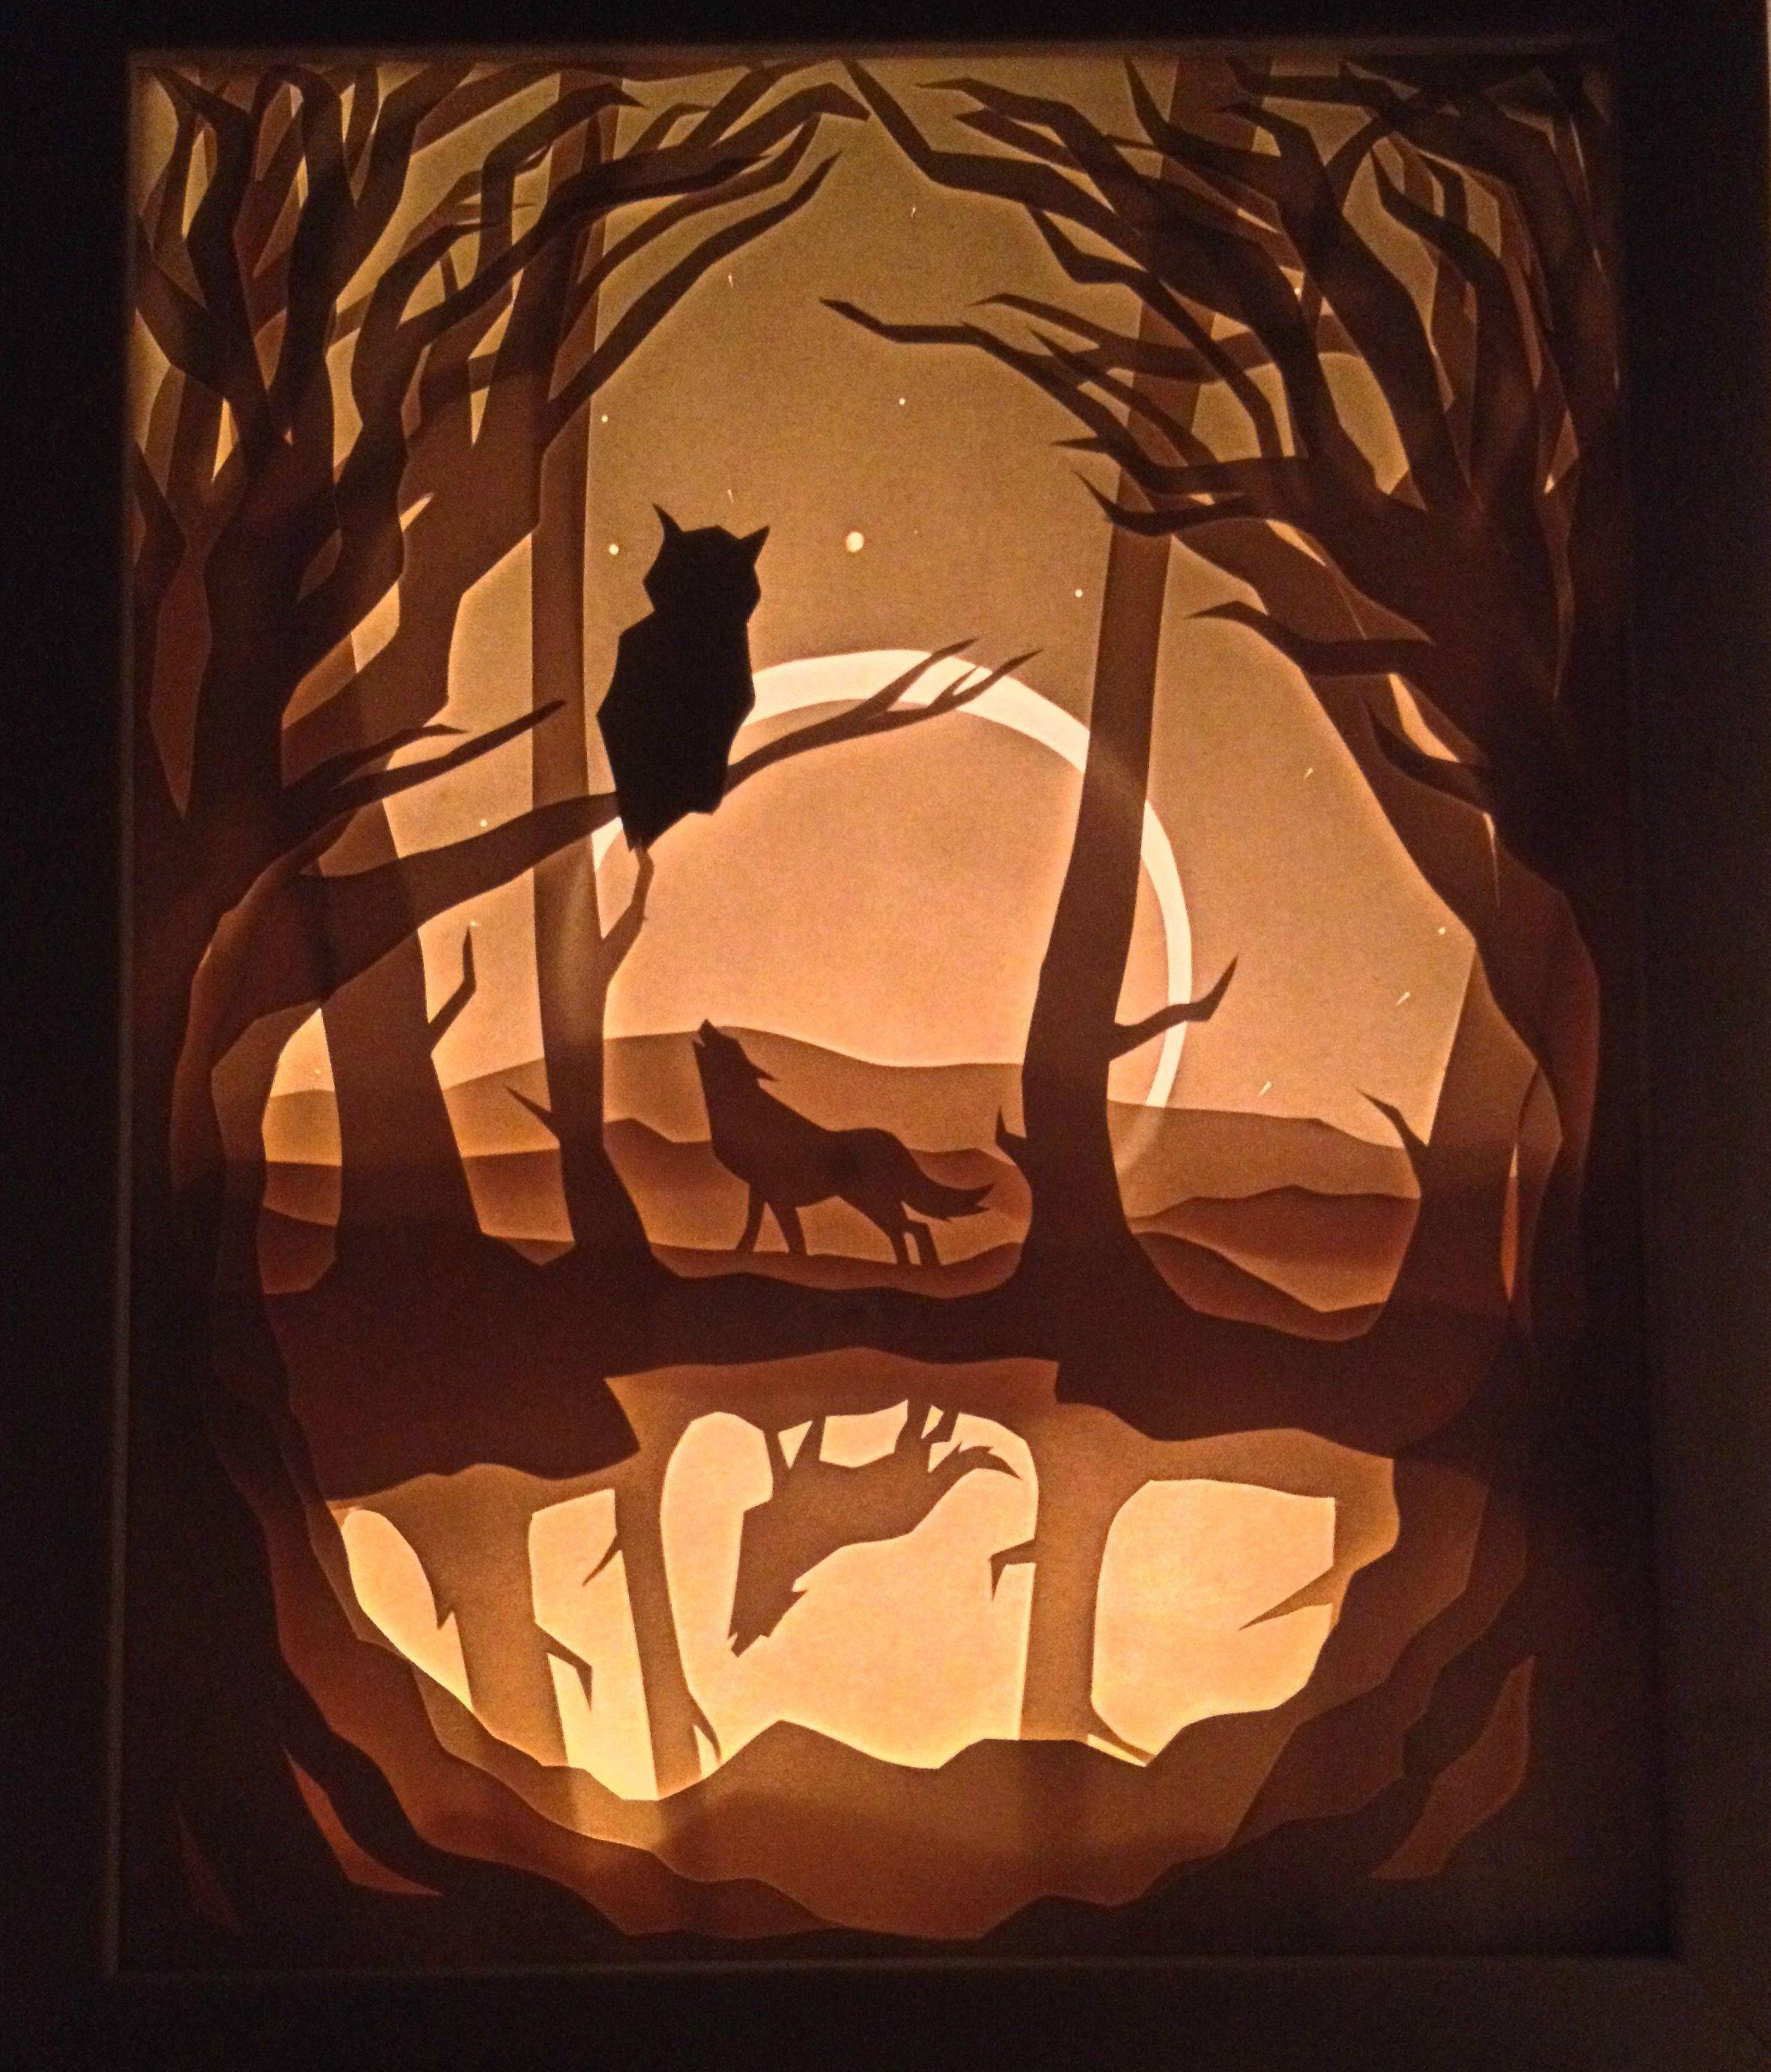 Forest Light Box - http://www.reddit.com/r/